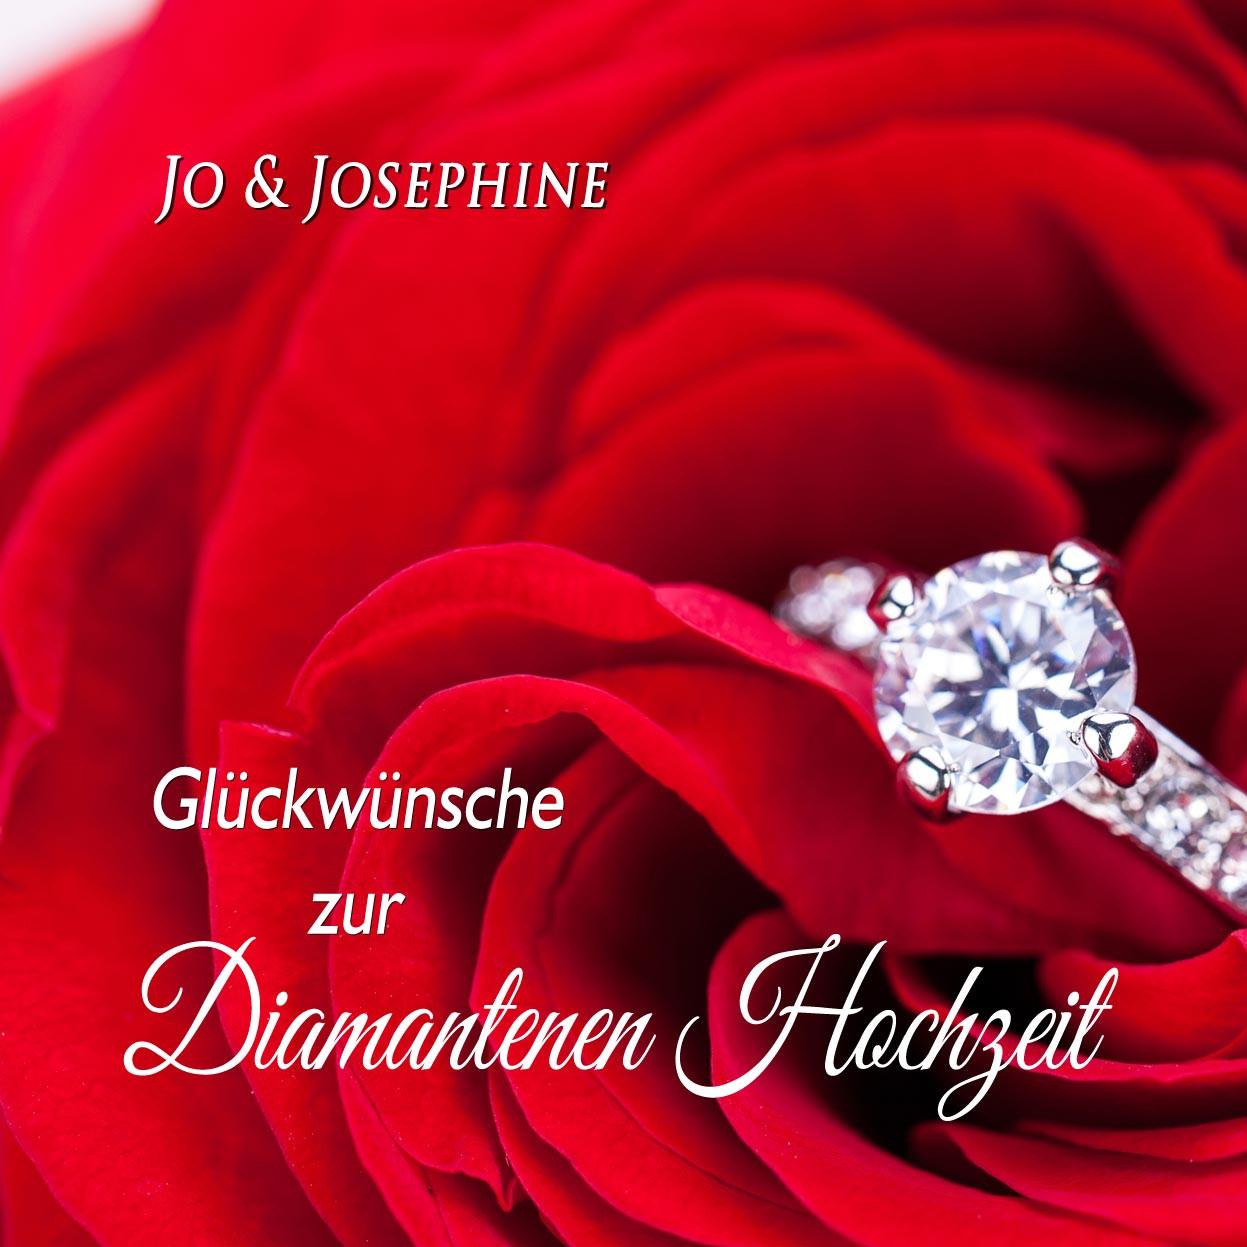 """Glückwunsch Zur Diamantenen Hochzeit  """"Glückwünsche zur Diamantenen Hochzeit"""" Lied als MP3"""